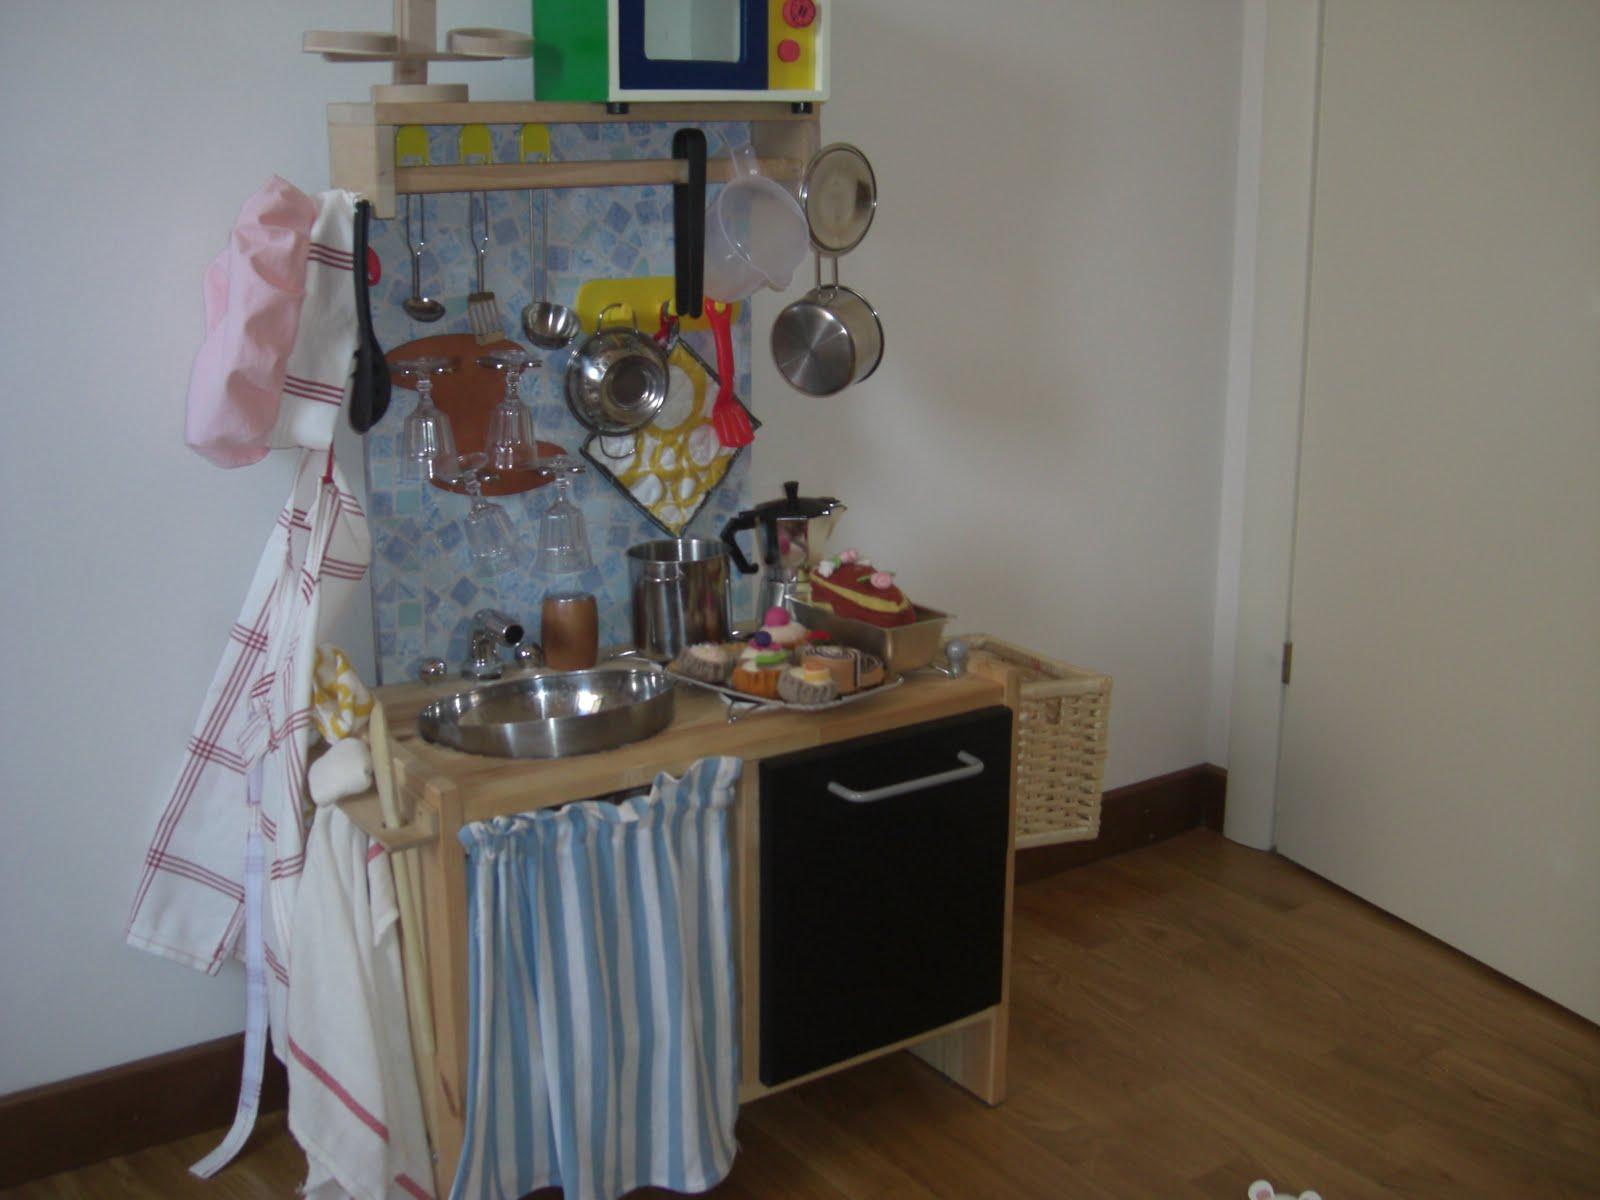 Jen_Crea  creazioni di tutto e un p Come realizzare una cucina giocattolo da un comodino Ikea